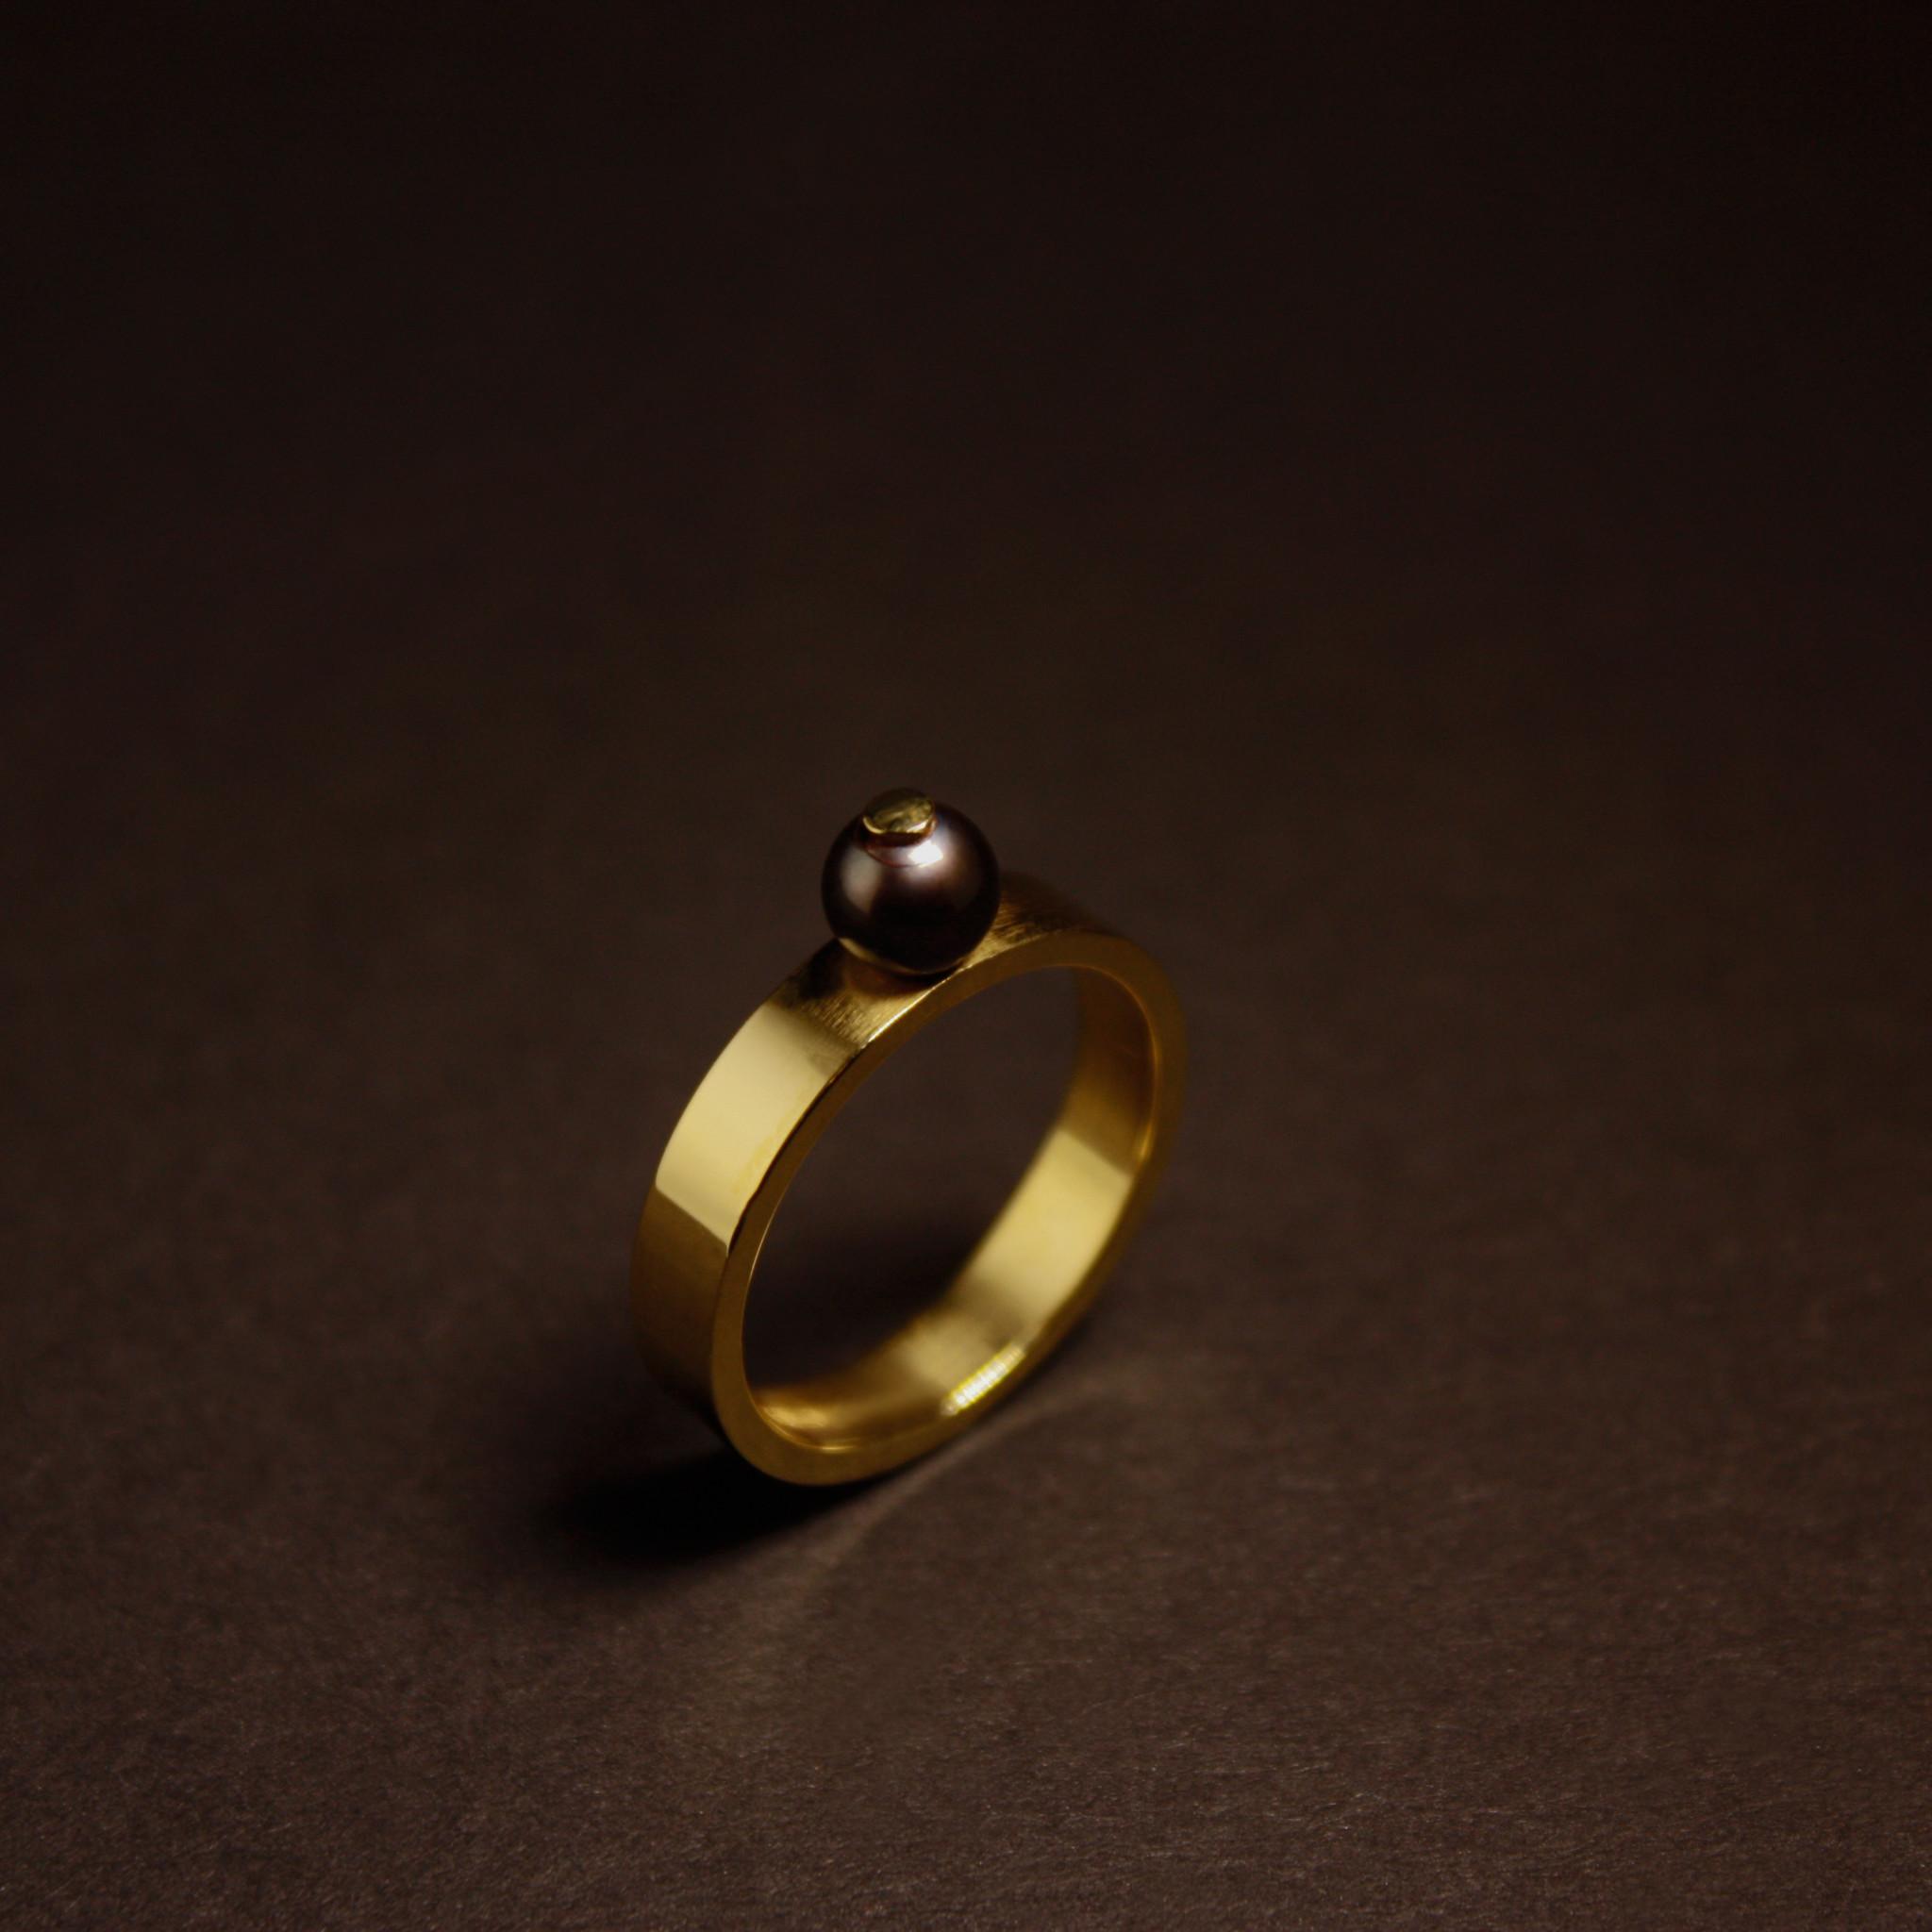 Ring PAREL, goud-6